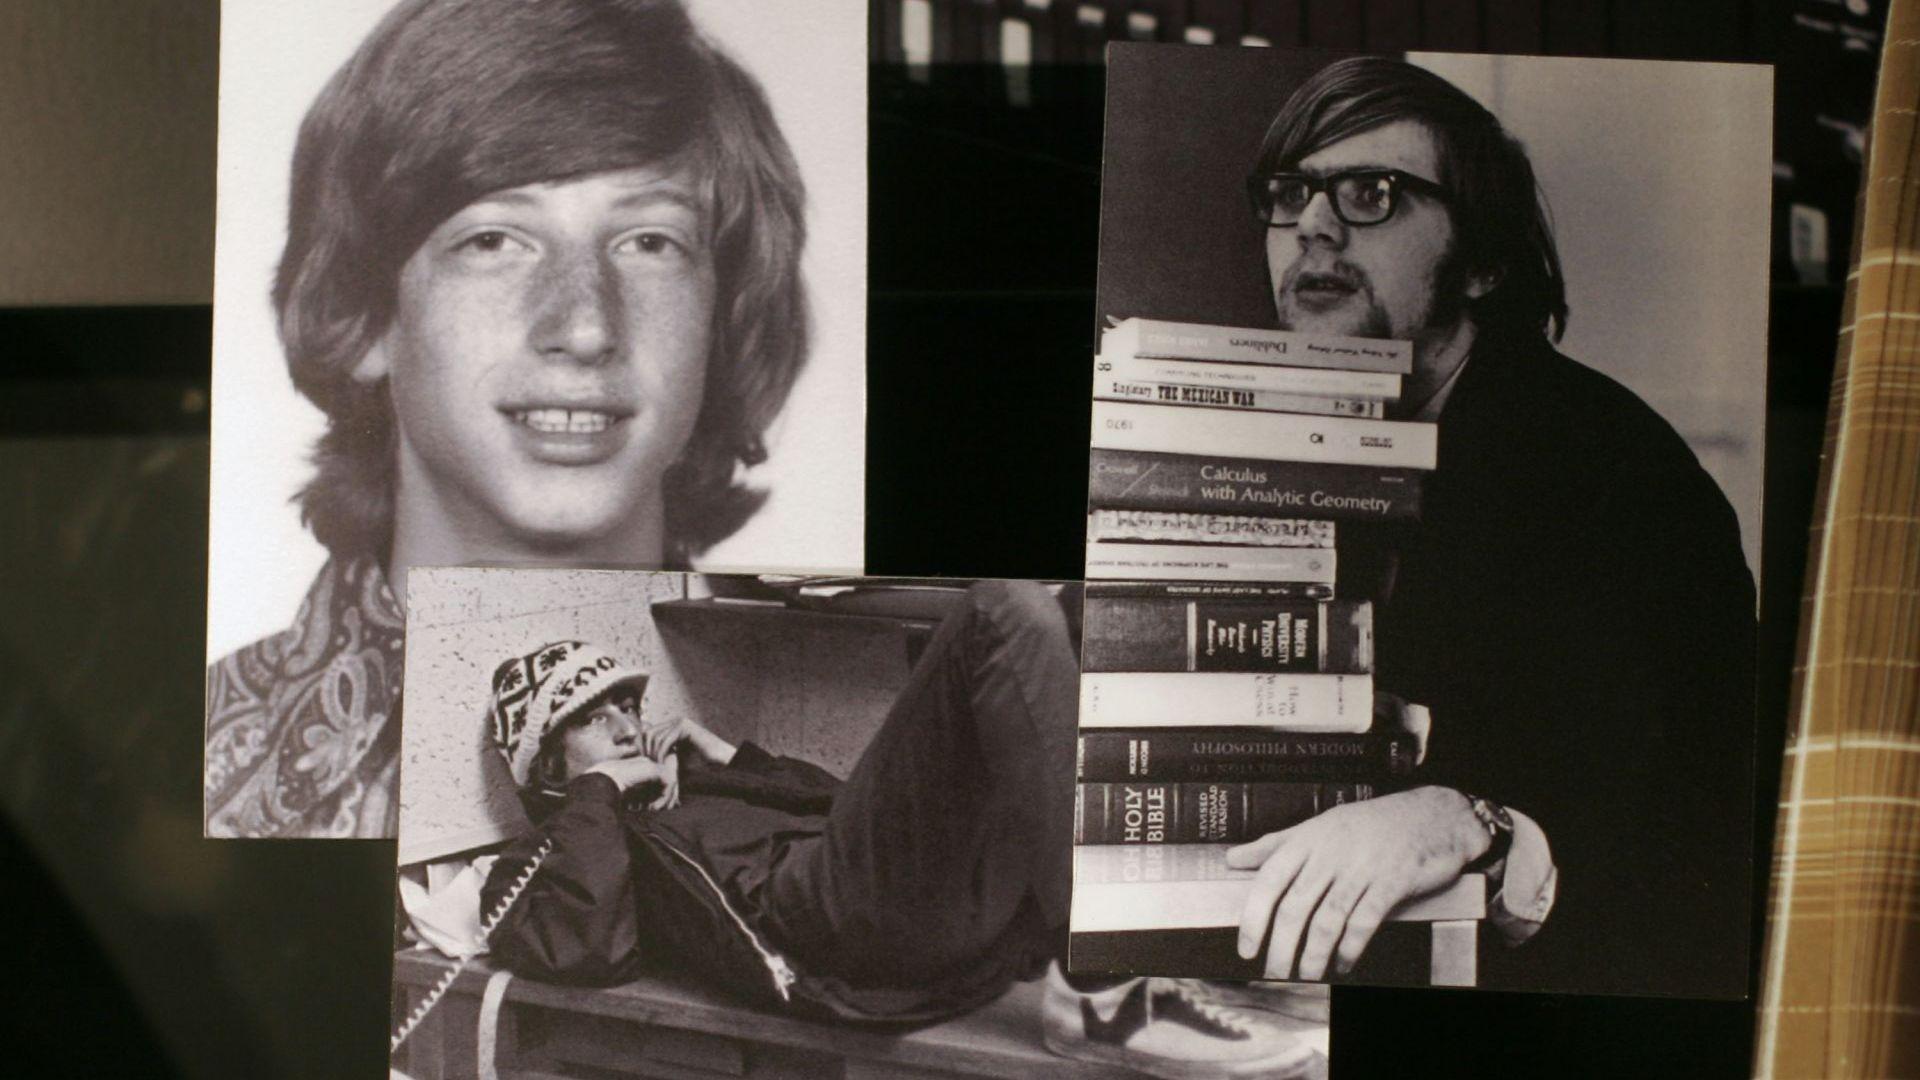 """Снимки на Бил Гейтс (вляво) и Пол Алън от 70-те години са изложени в посетителския център на """"Майкрософт"""" в Редмънд, Вашингтон"""